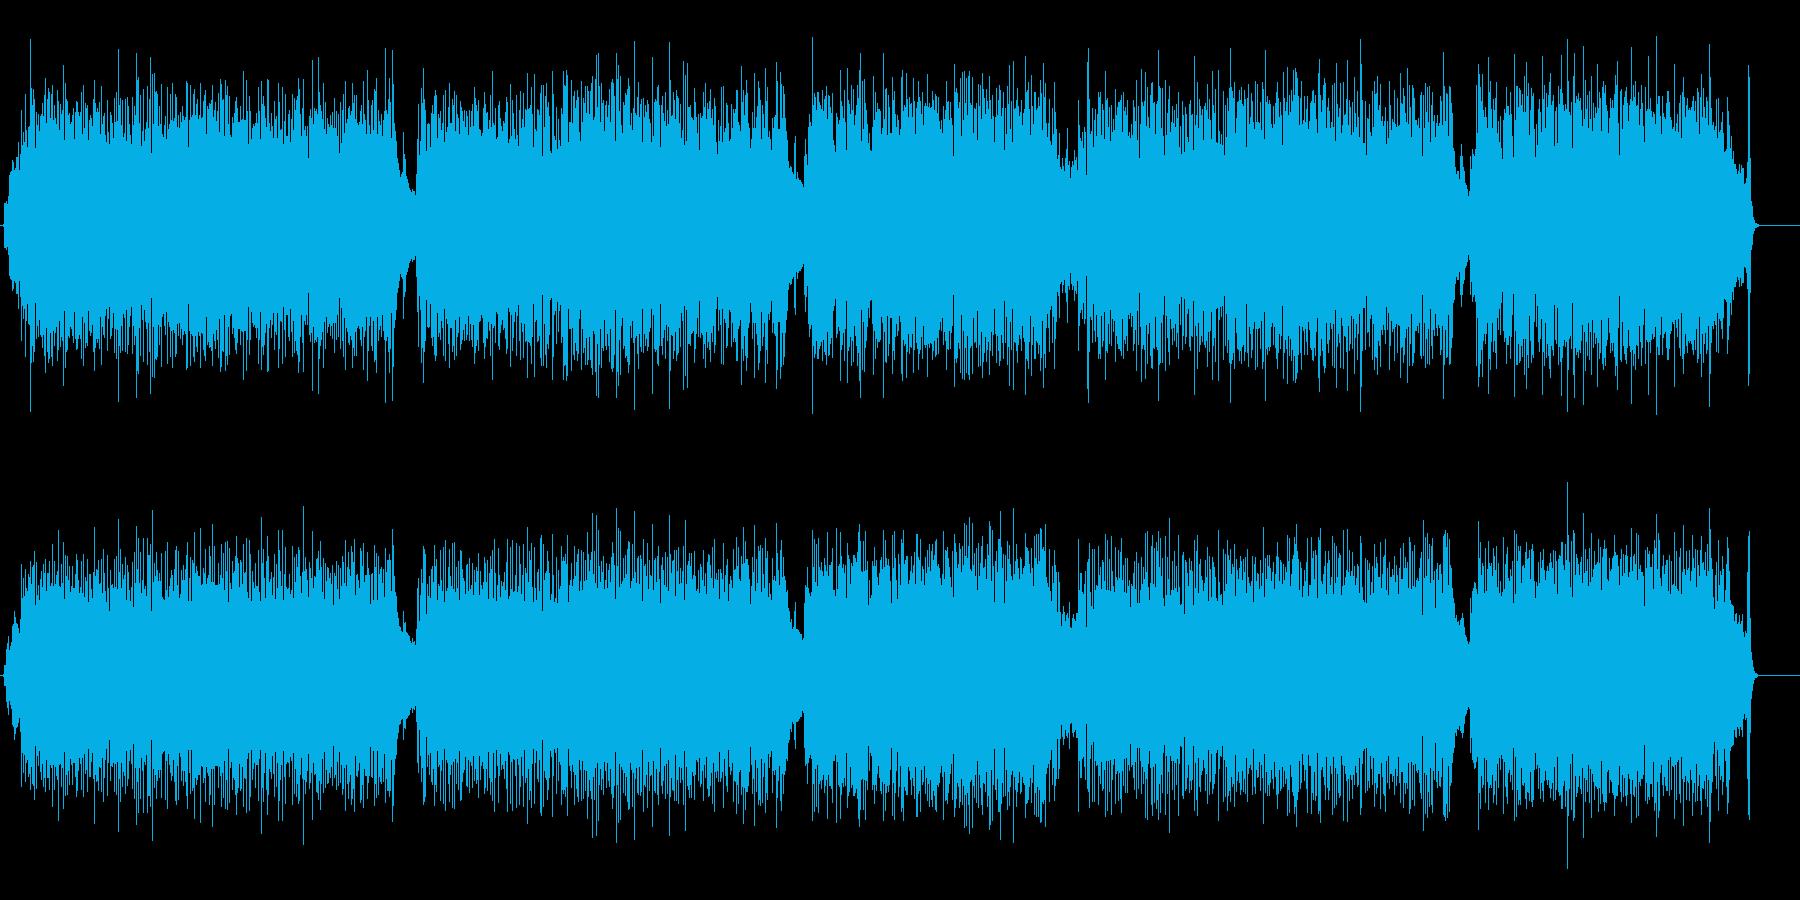 ハツラツ路線のストレート・フュージョンの再生済みの波形